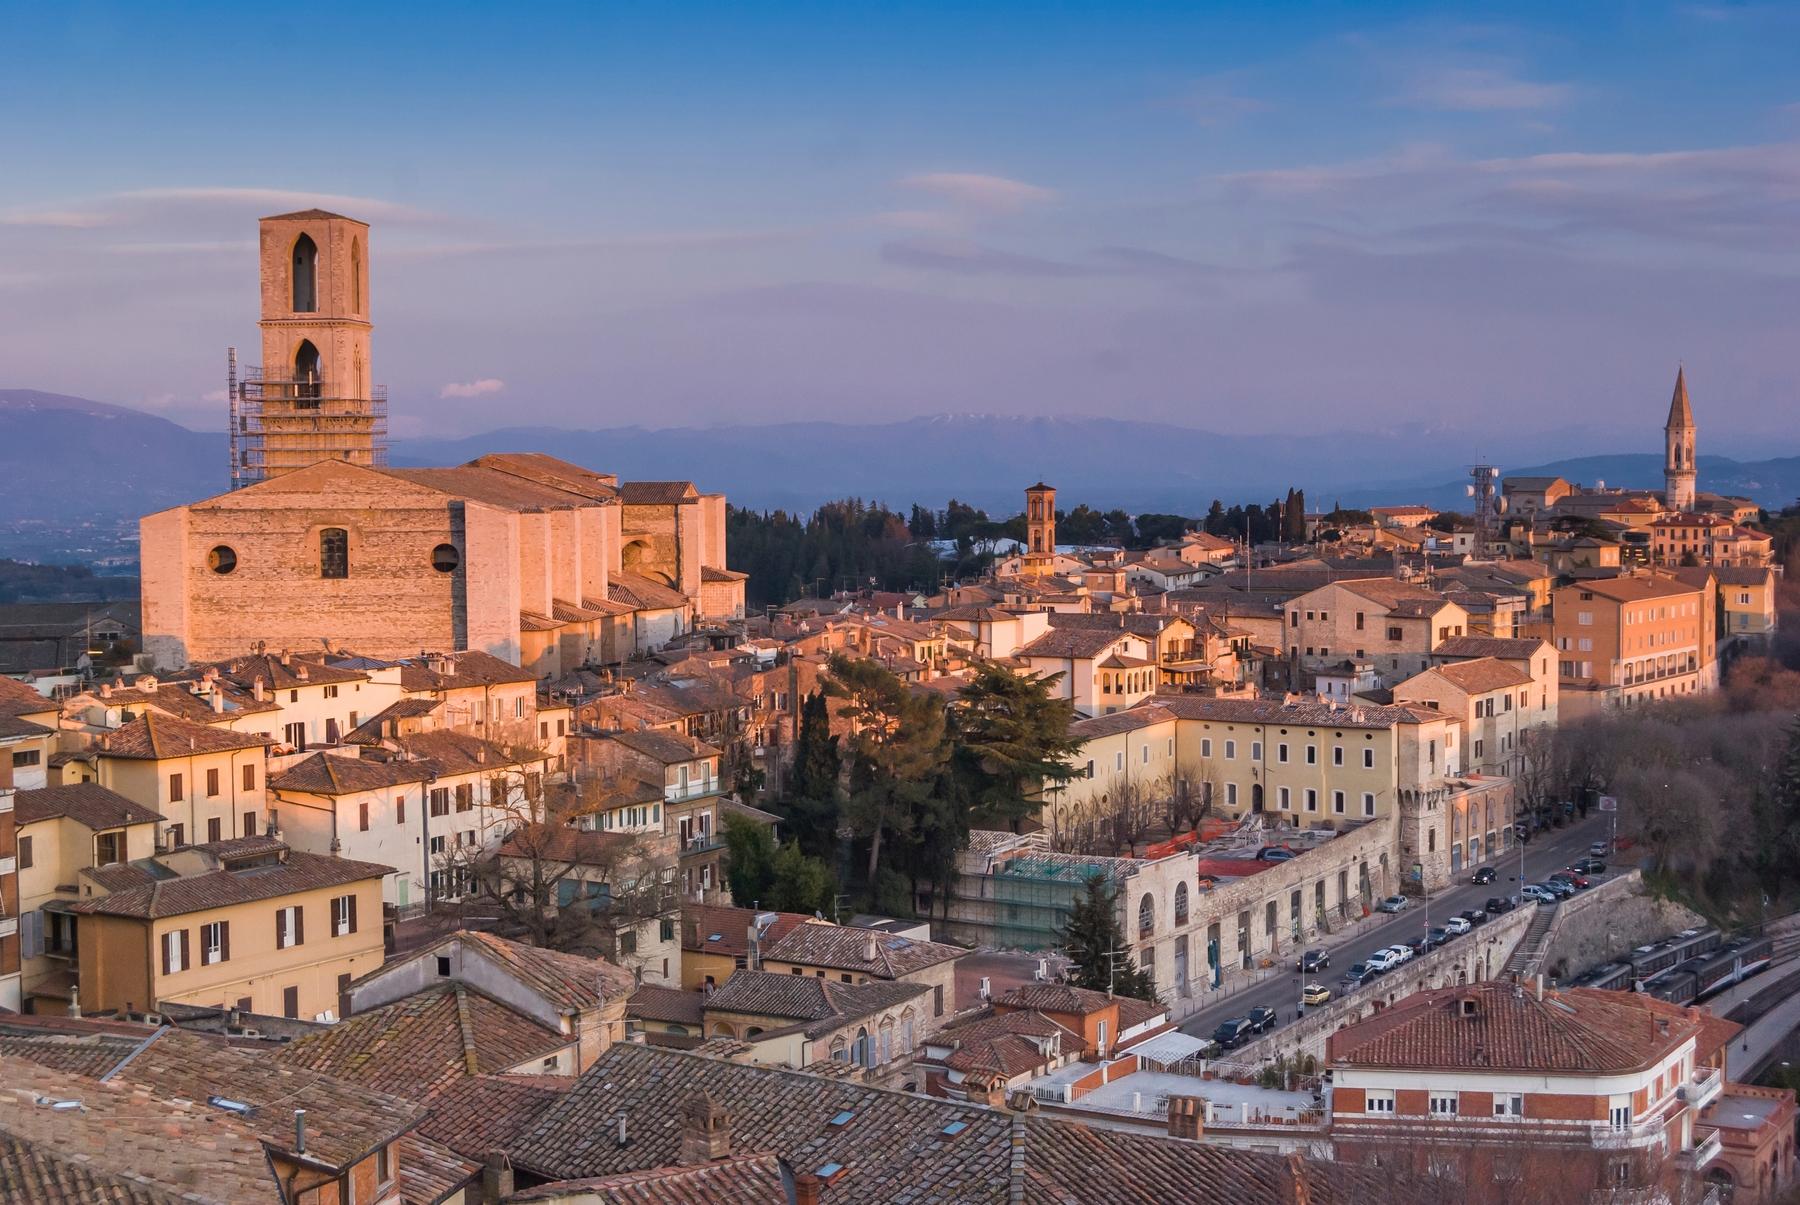 posti da visitare in Umbria: Gubbio